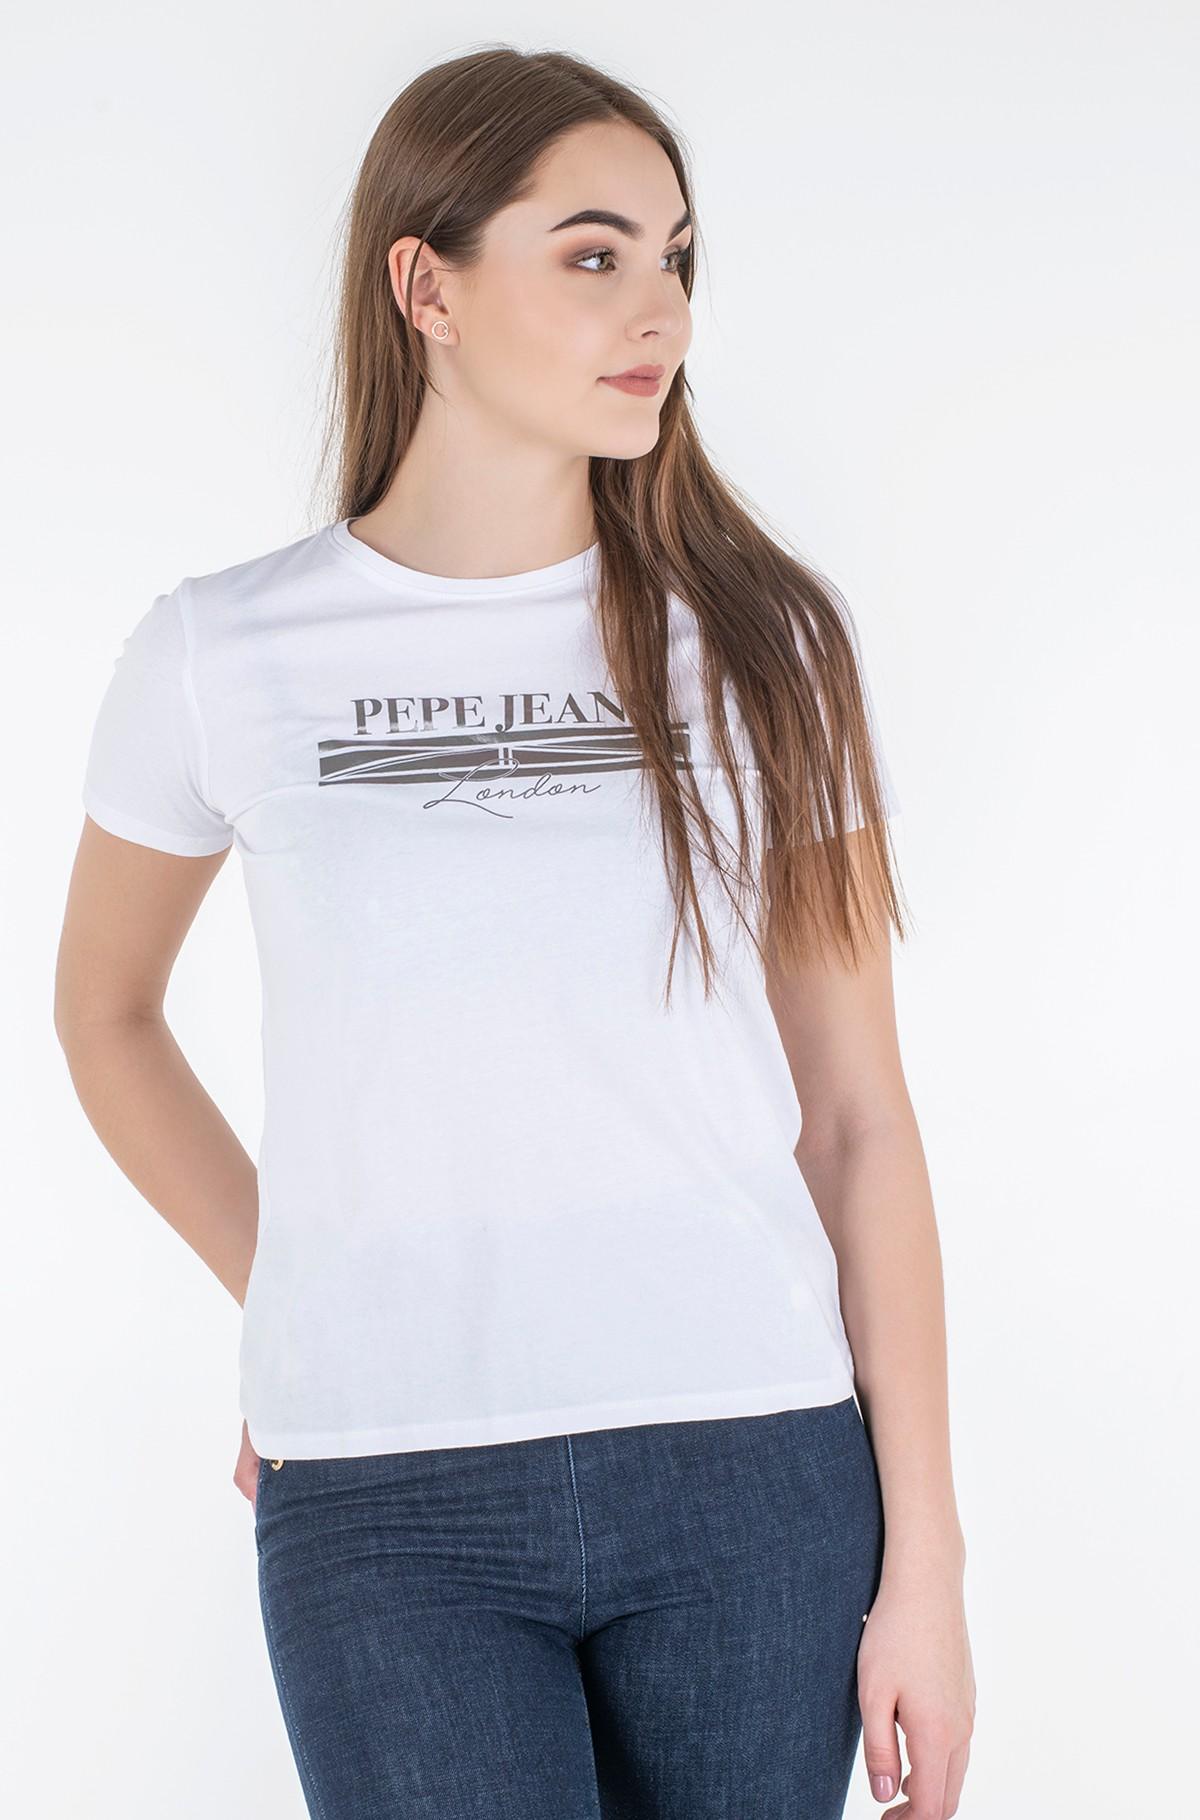 T-shirt EMILIA/PL504694-full-1